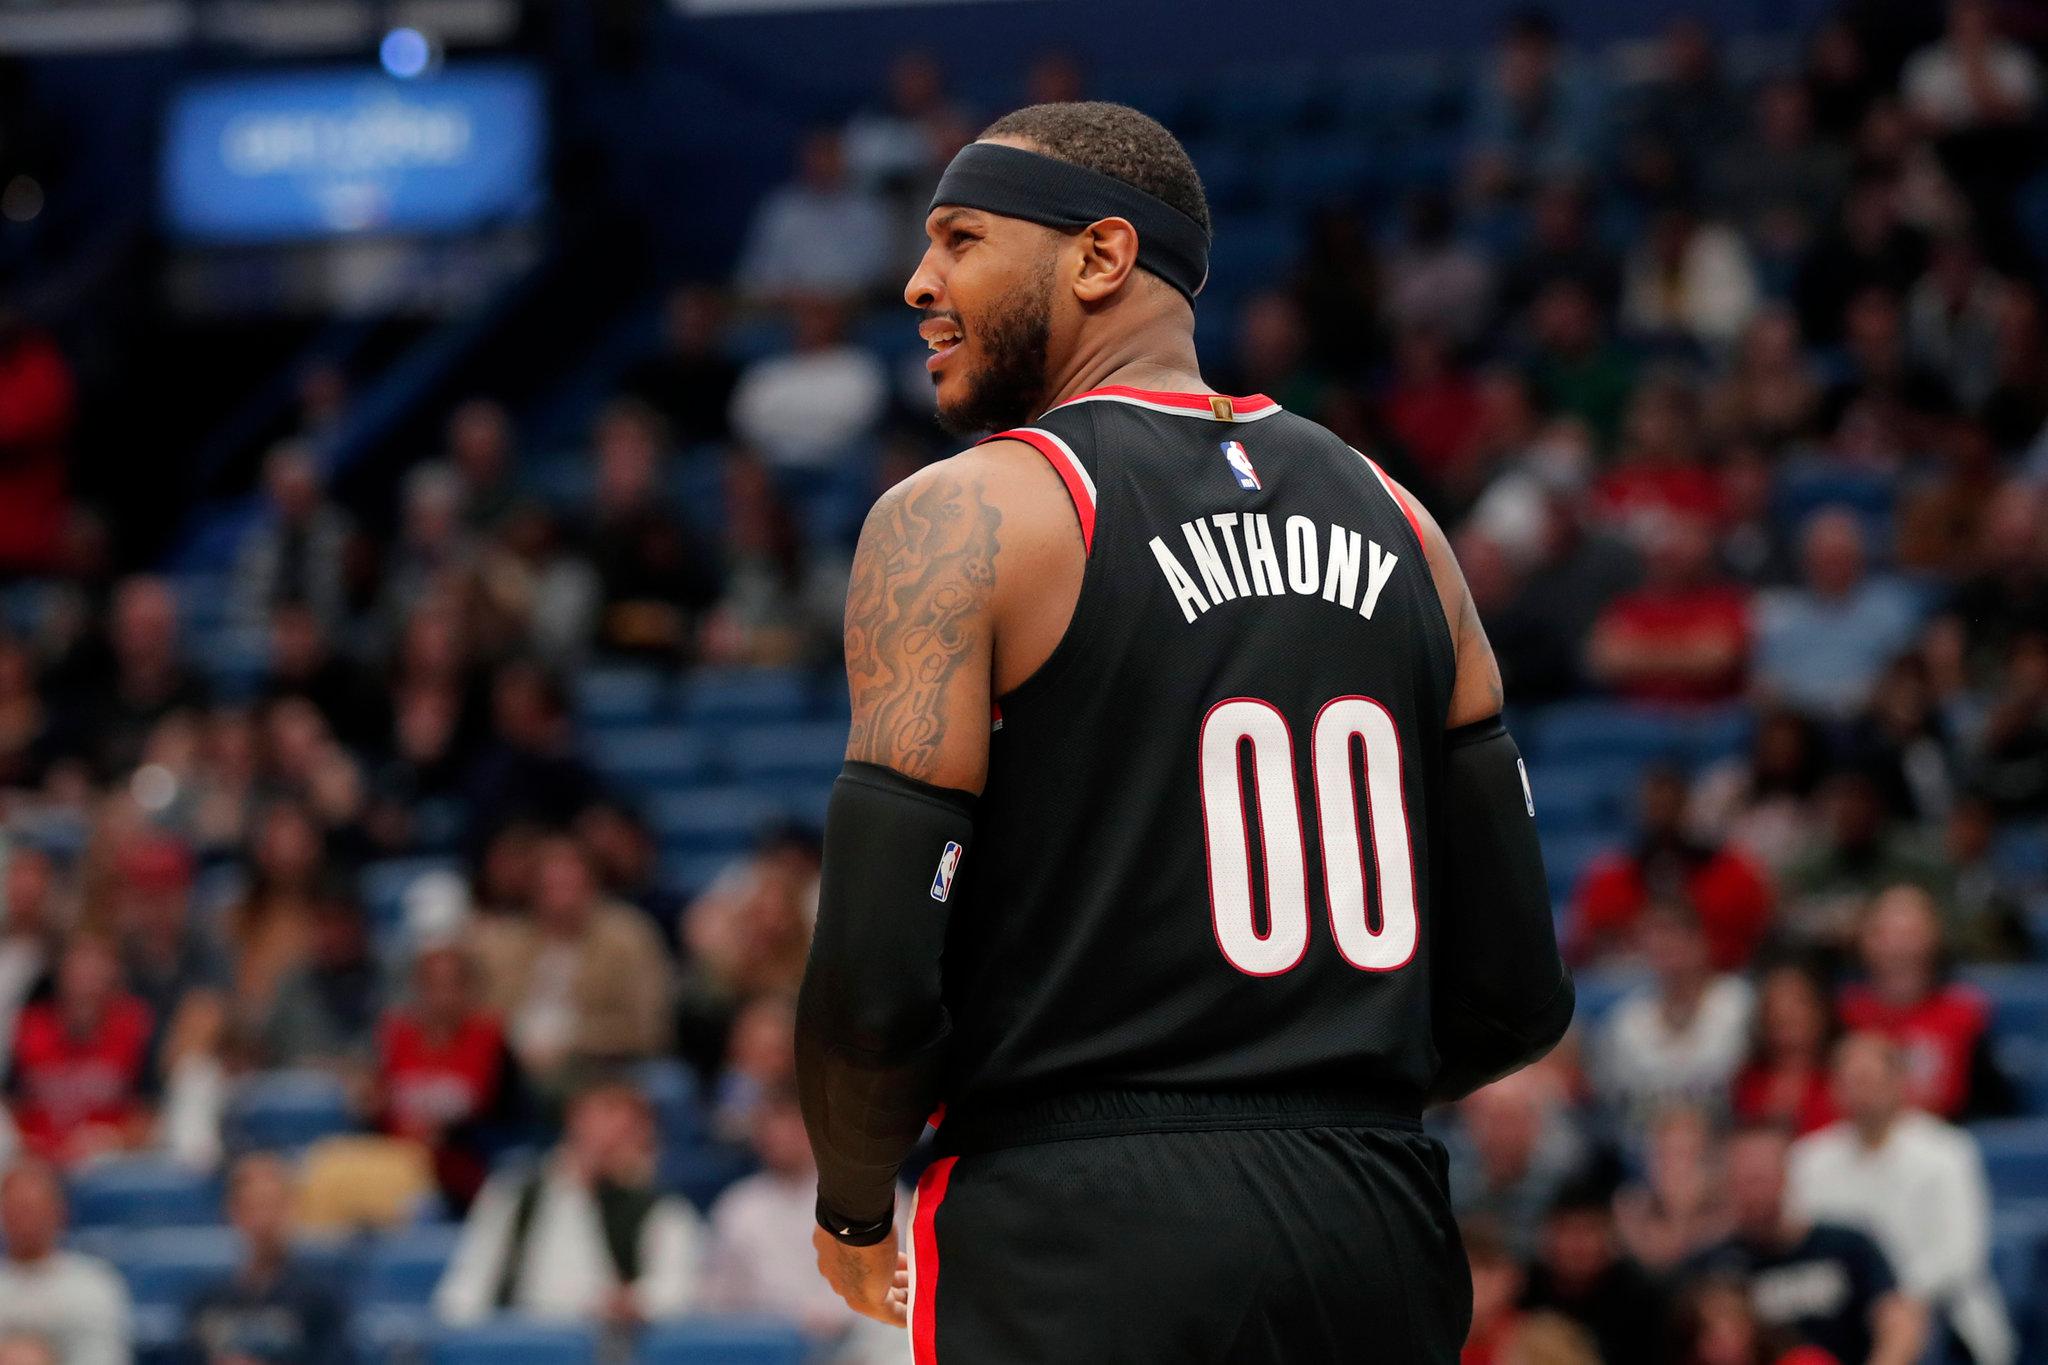 「甜瓜」Carmelo Anthony 新季淪為後備?拓荒者總裁是這樣說… | 吹水籃球臺 | 籃球地帶 - fanpiece